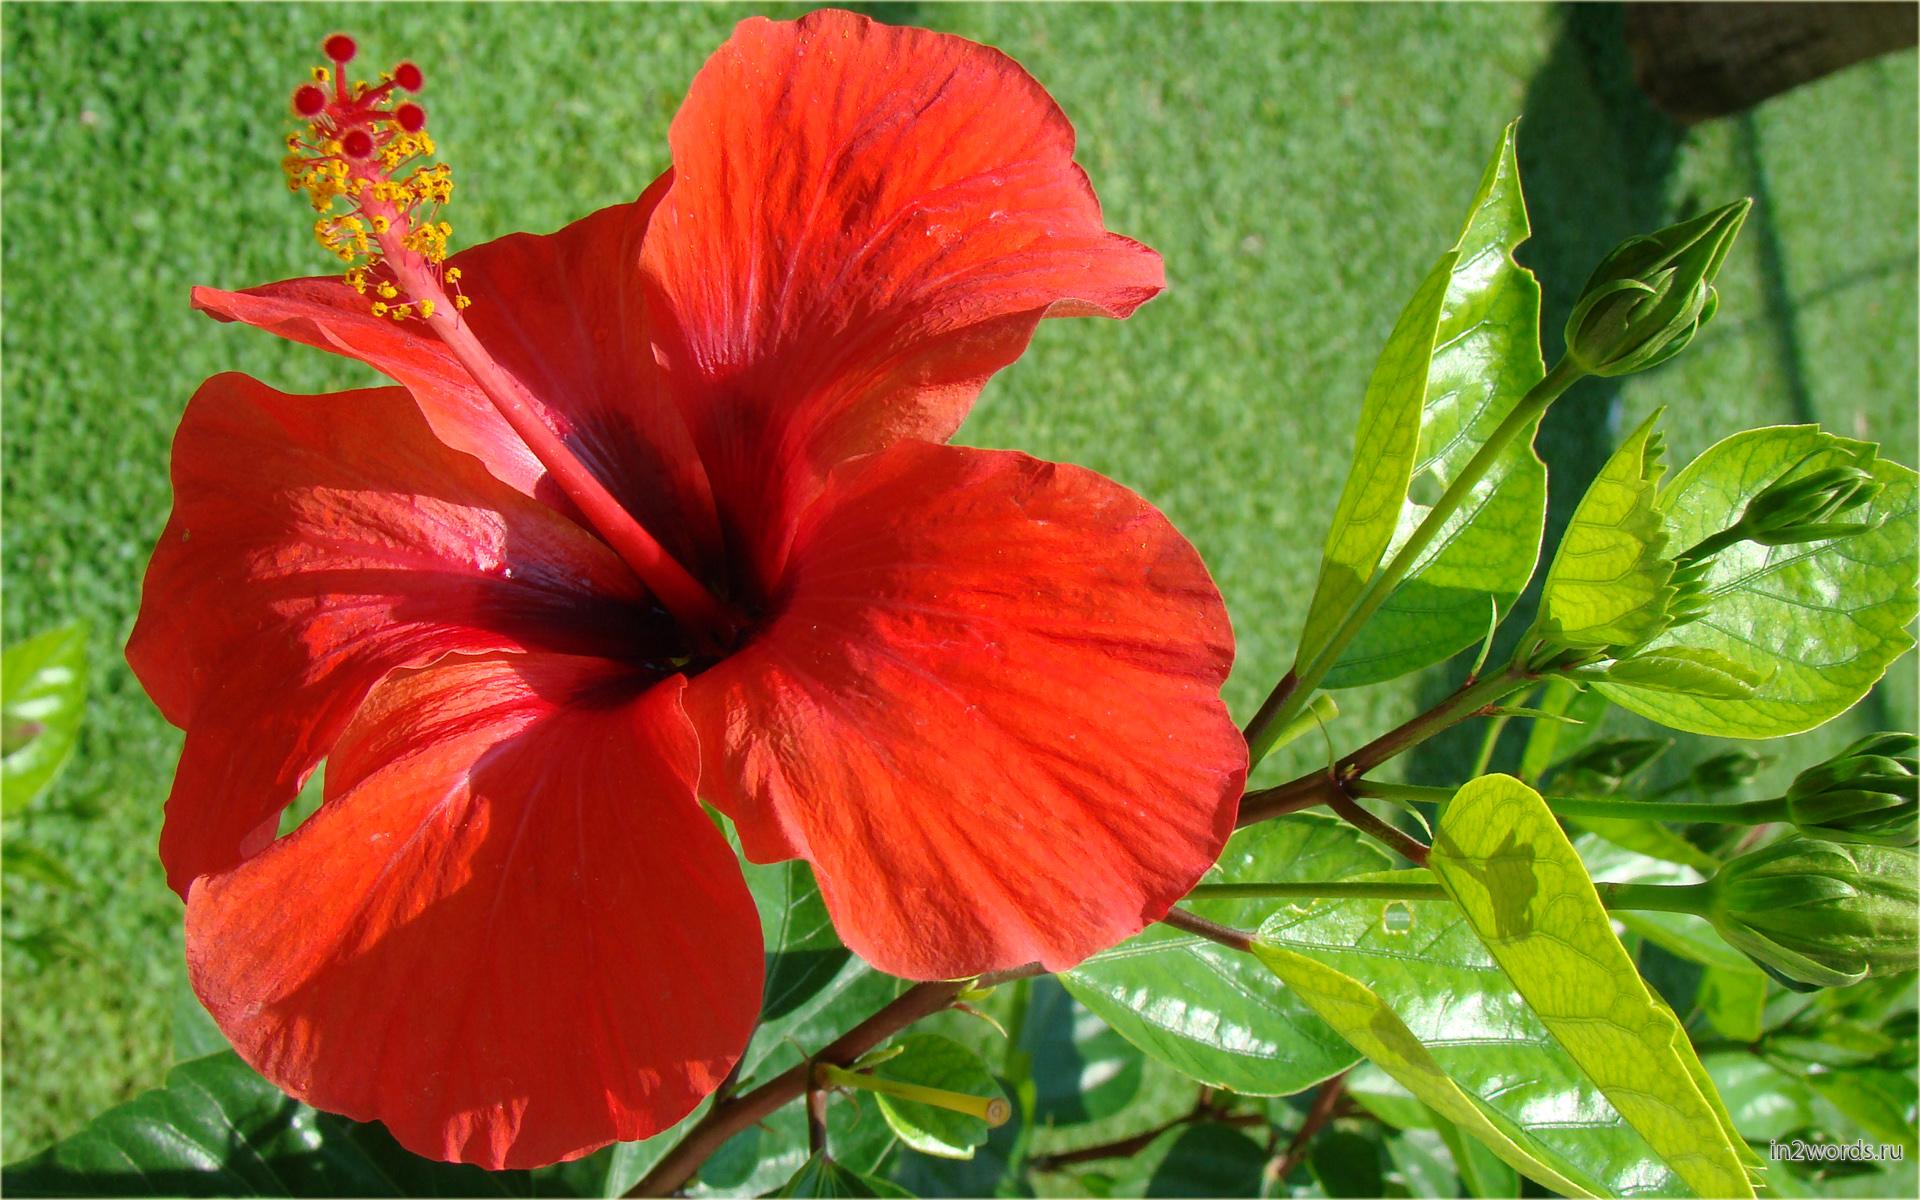 Китайская роза - Гибискус китайский. Солнечная желтая, персиково-оранжевая, белая.